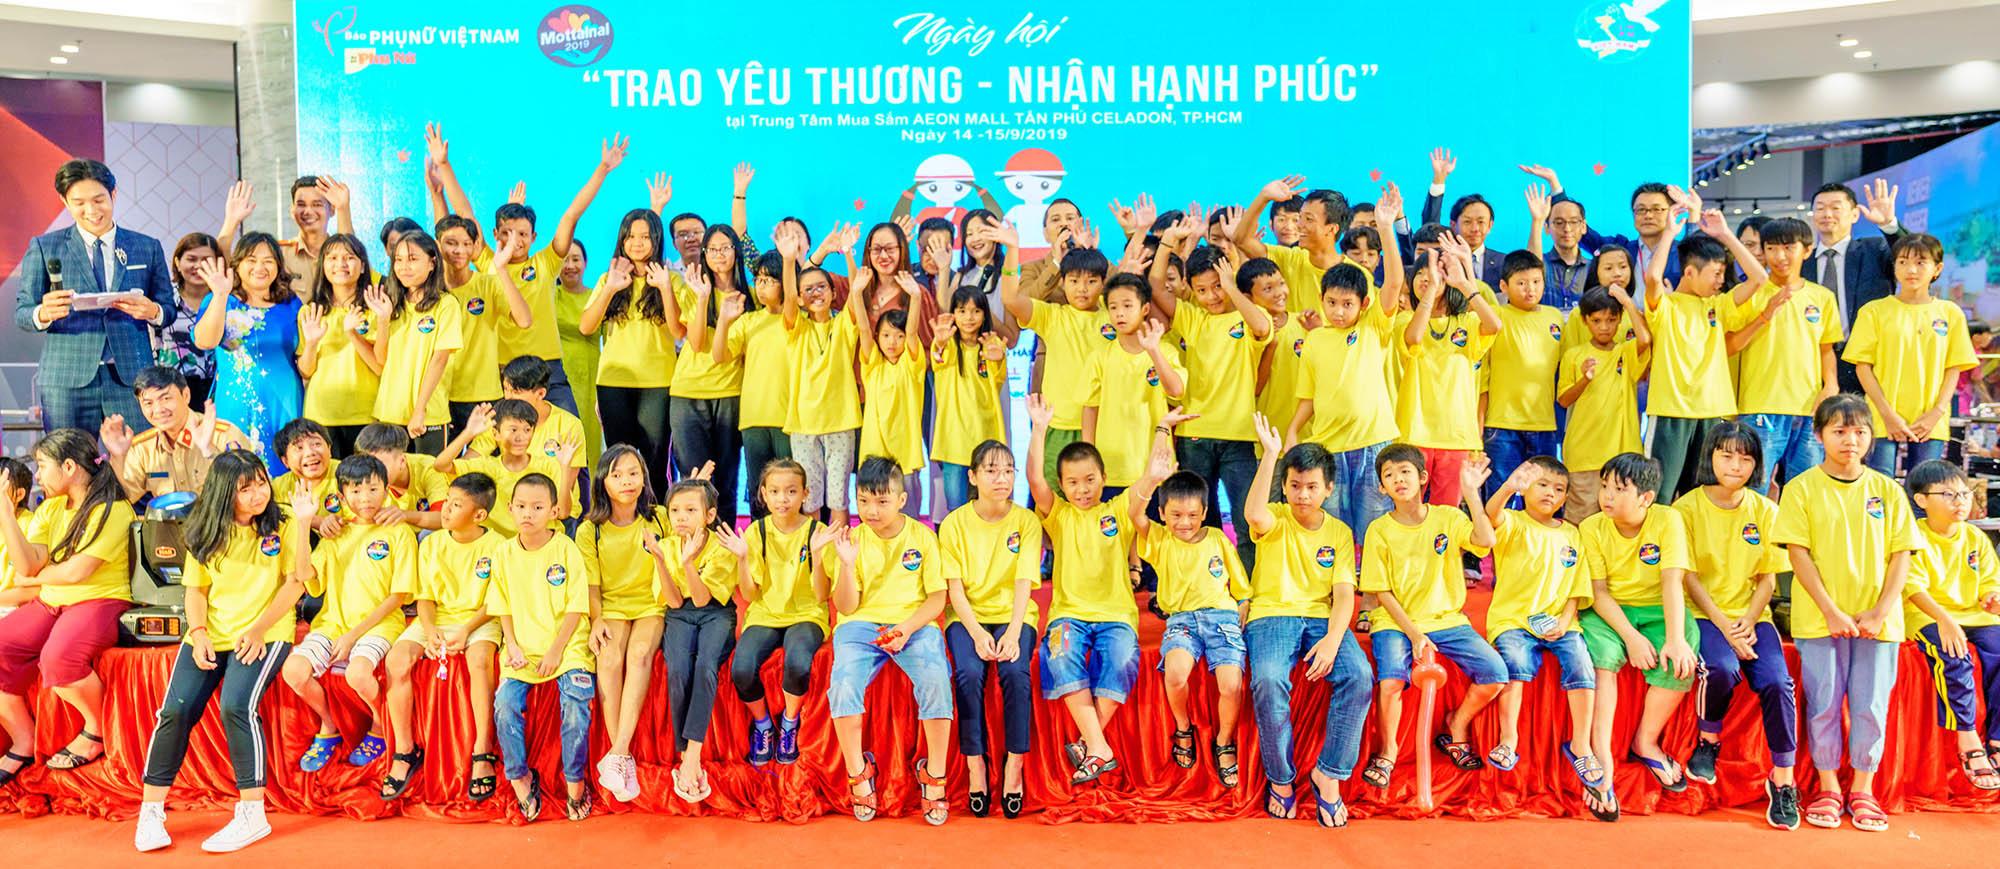 Chương trình Mottainai 2019 hỗ trợ 70 em nhỏ bị ảnh hưởng bởi TNGT và hơn 250 trẻ mồ côi - Ảnh 2.